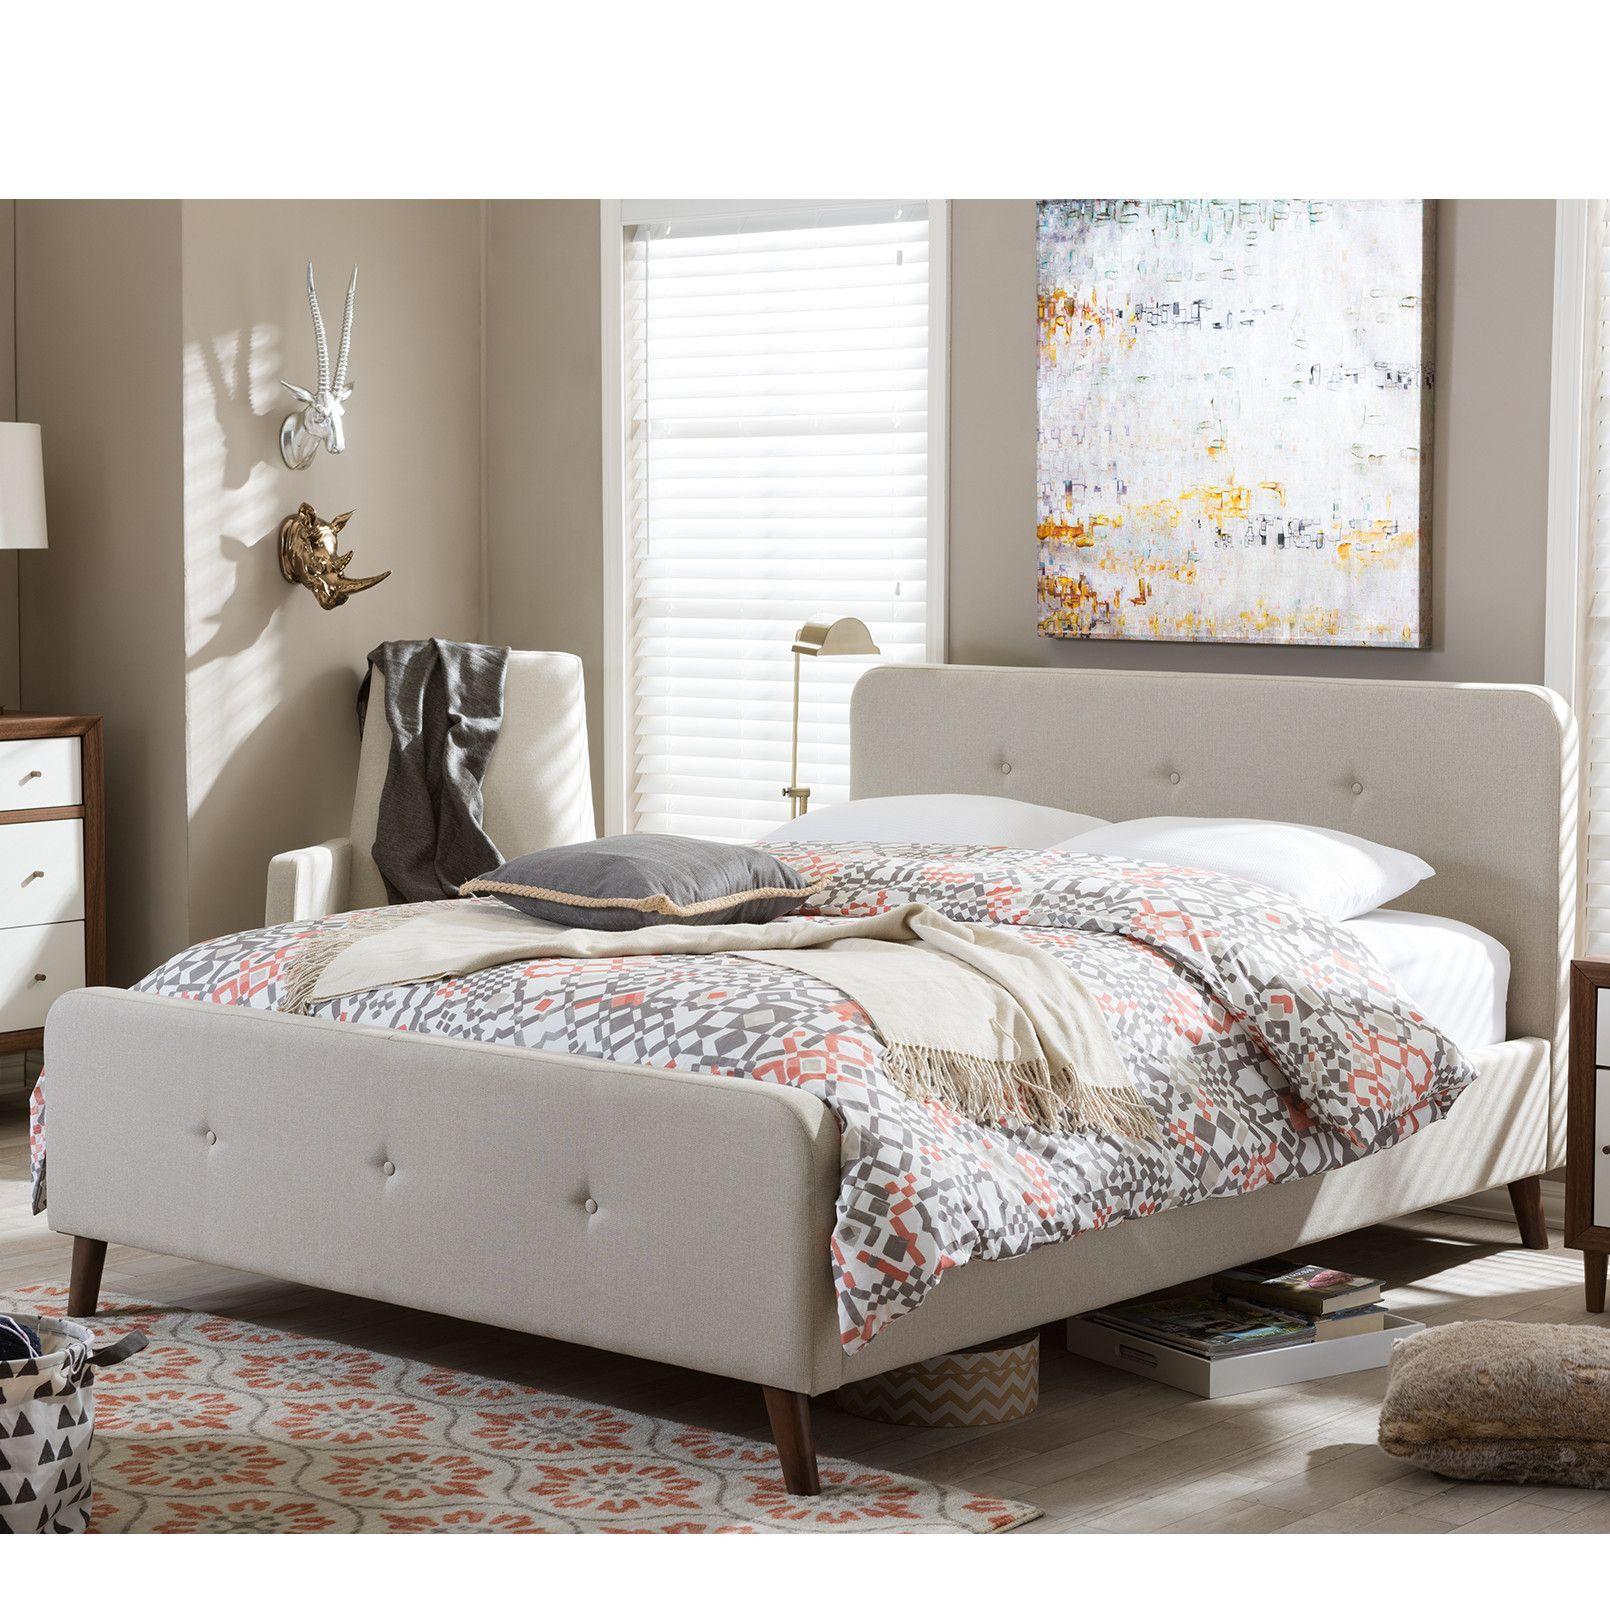 Best Shuffler Upholstered Platform Bed Upholstered Platform 400 x 300